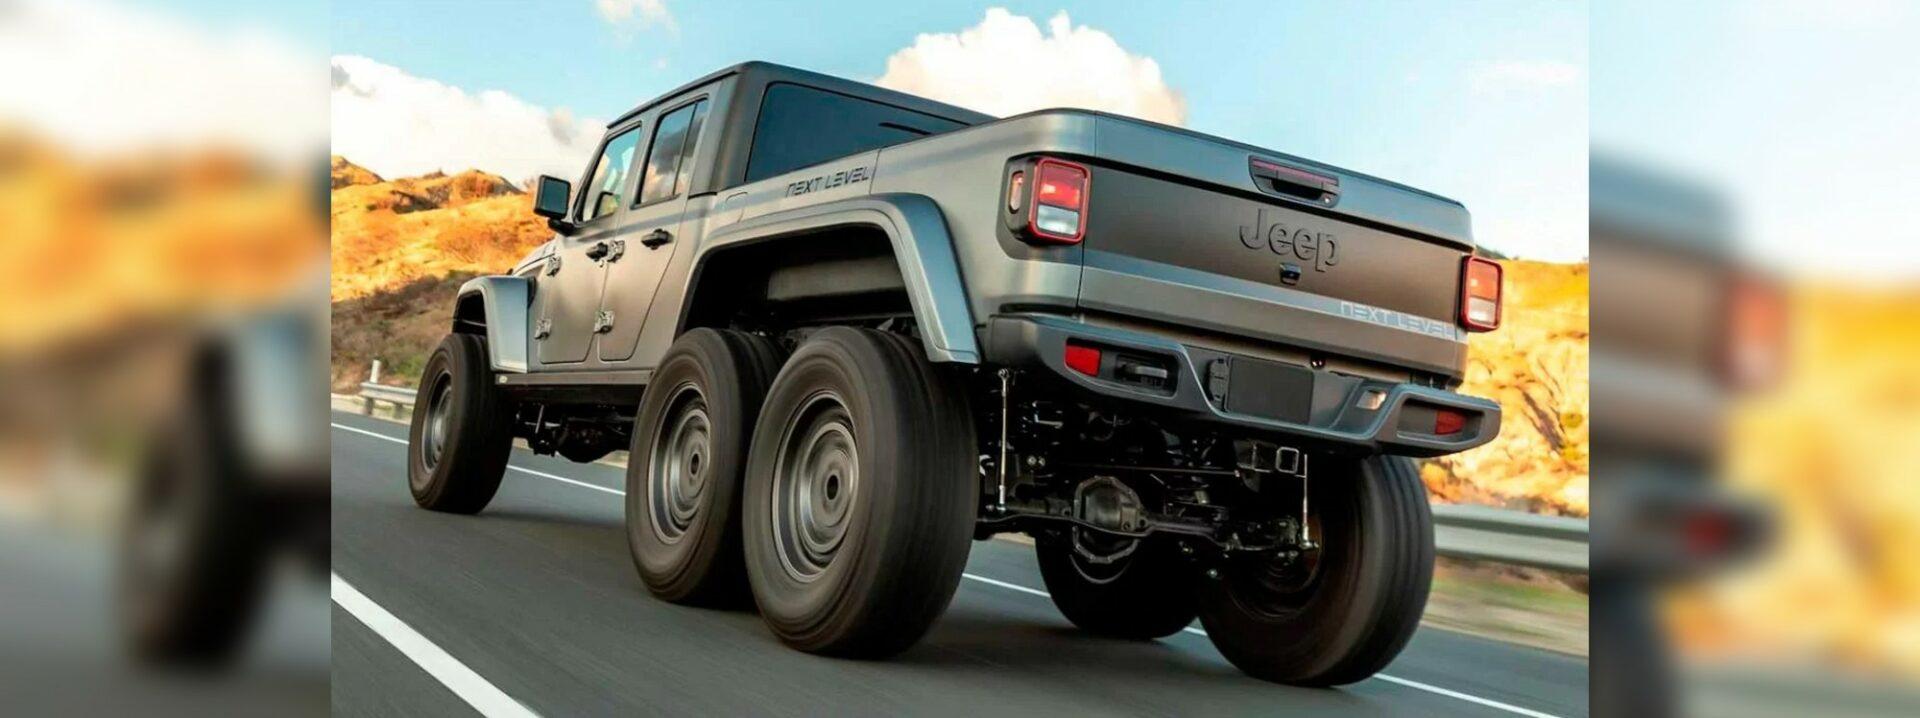 Jeep Gladiator de 6 ruedas, una pick up de otro nivel